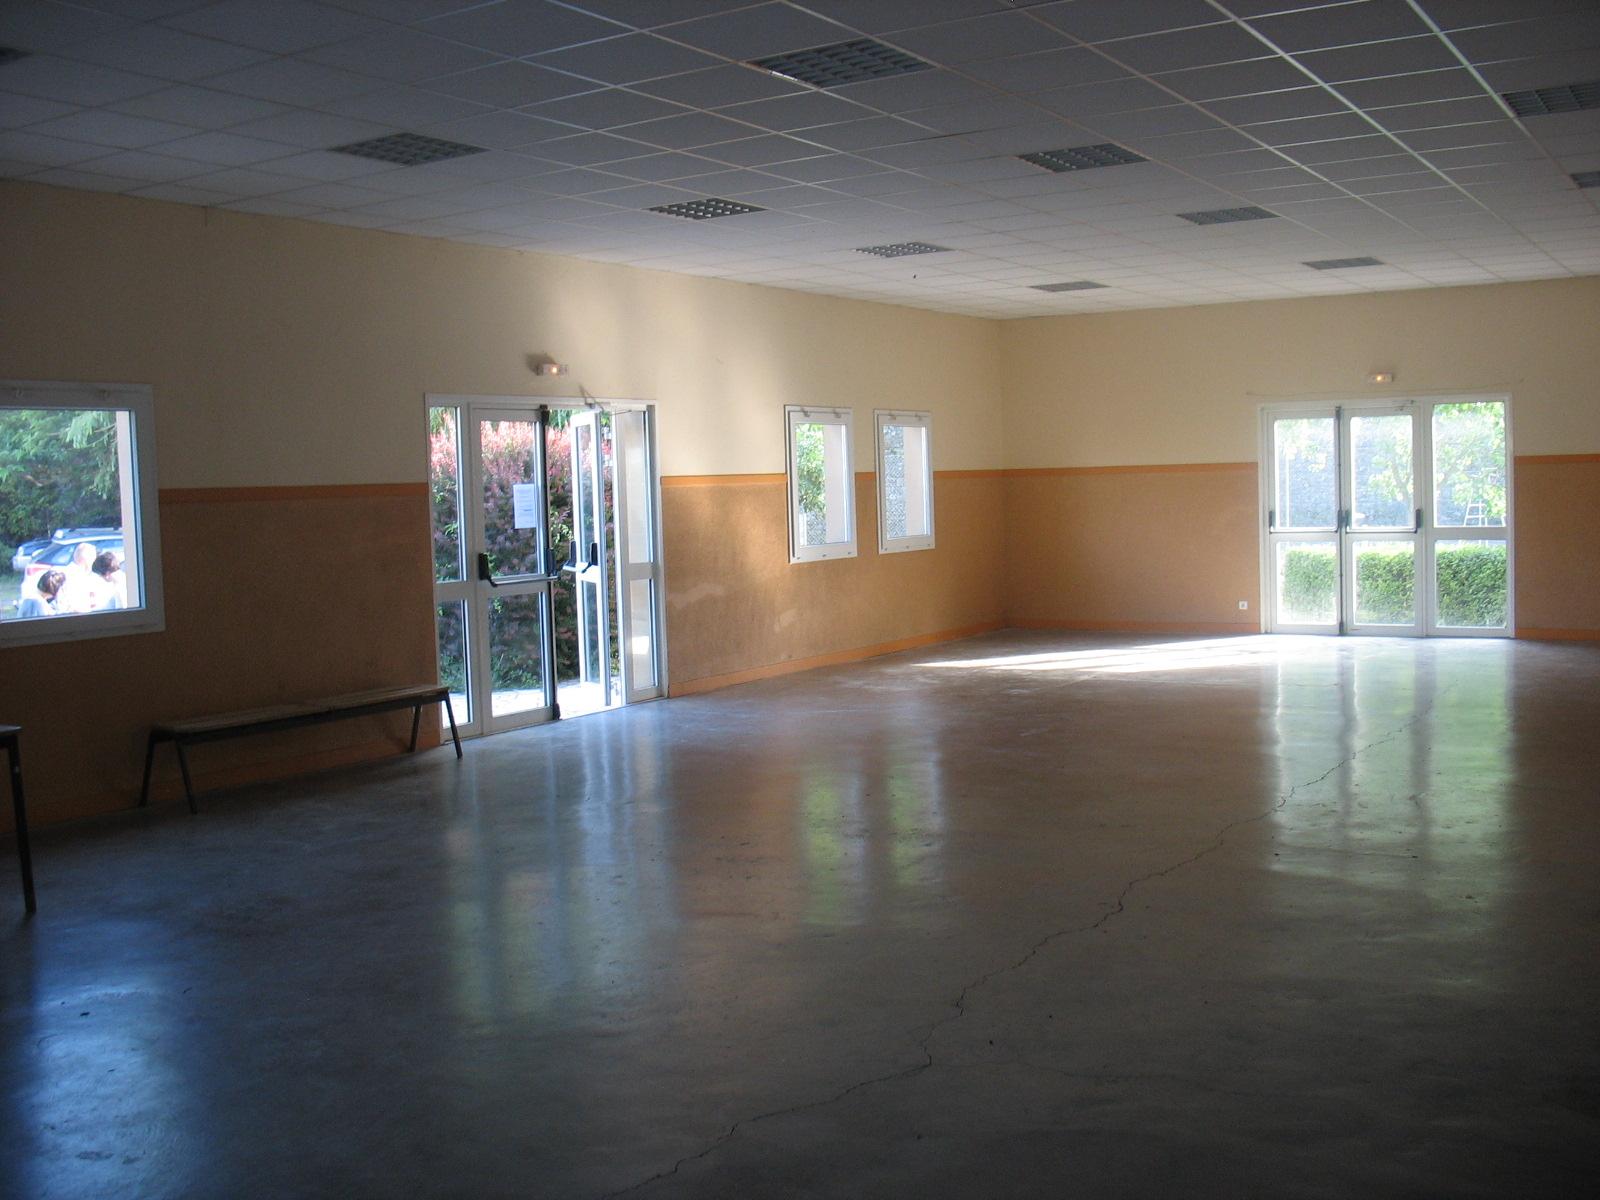 Interieur de la salle des fêtes